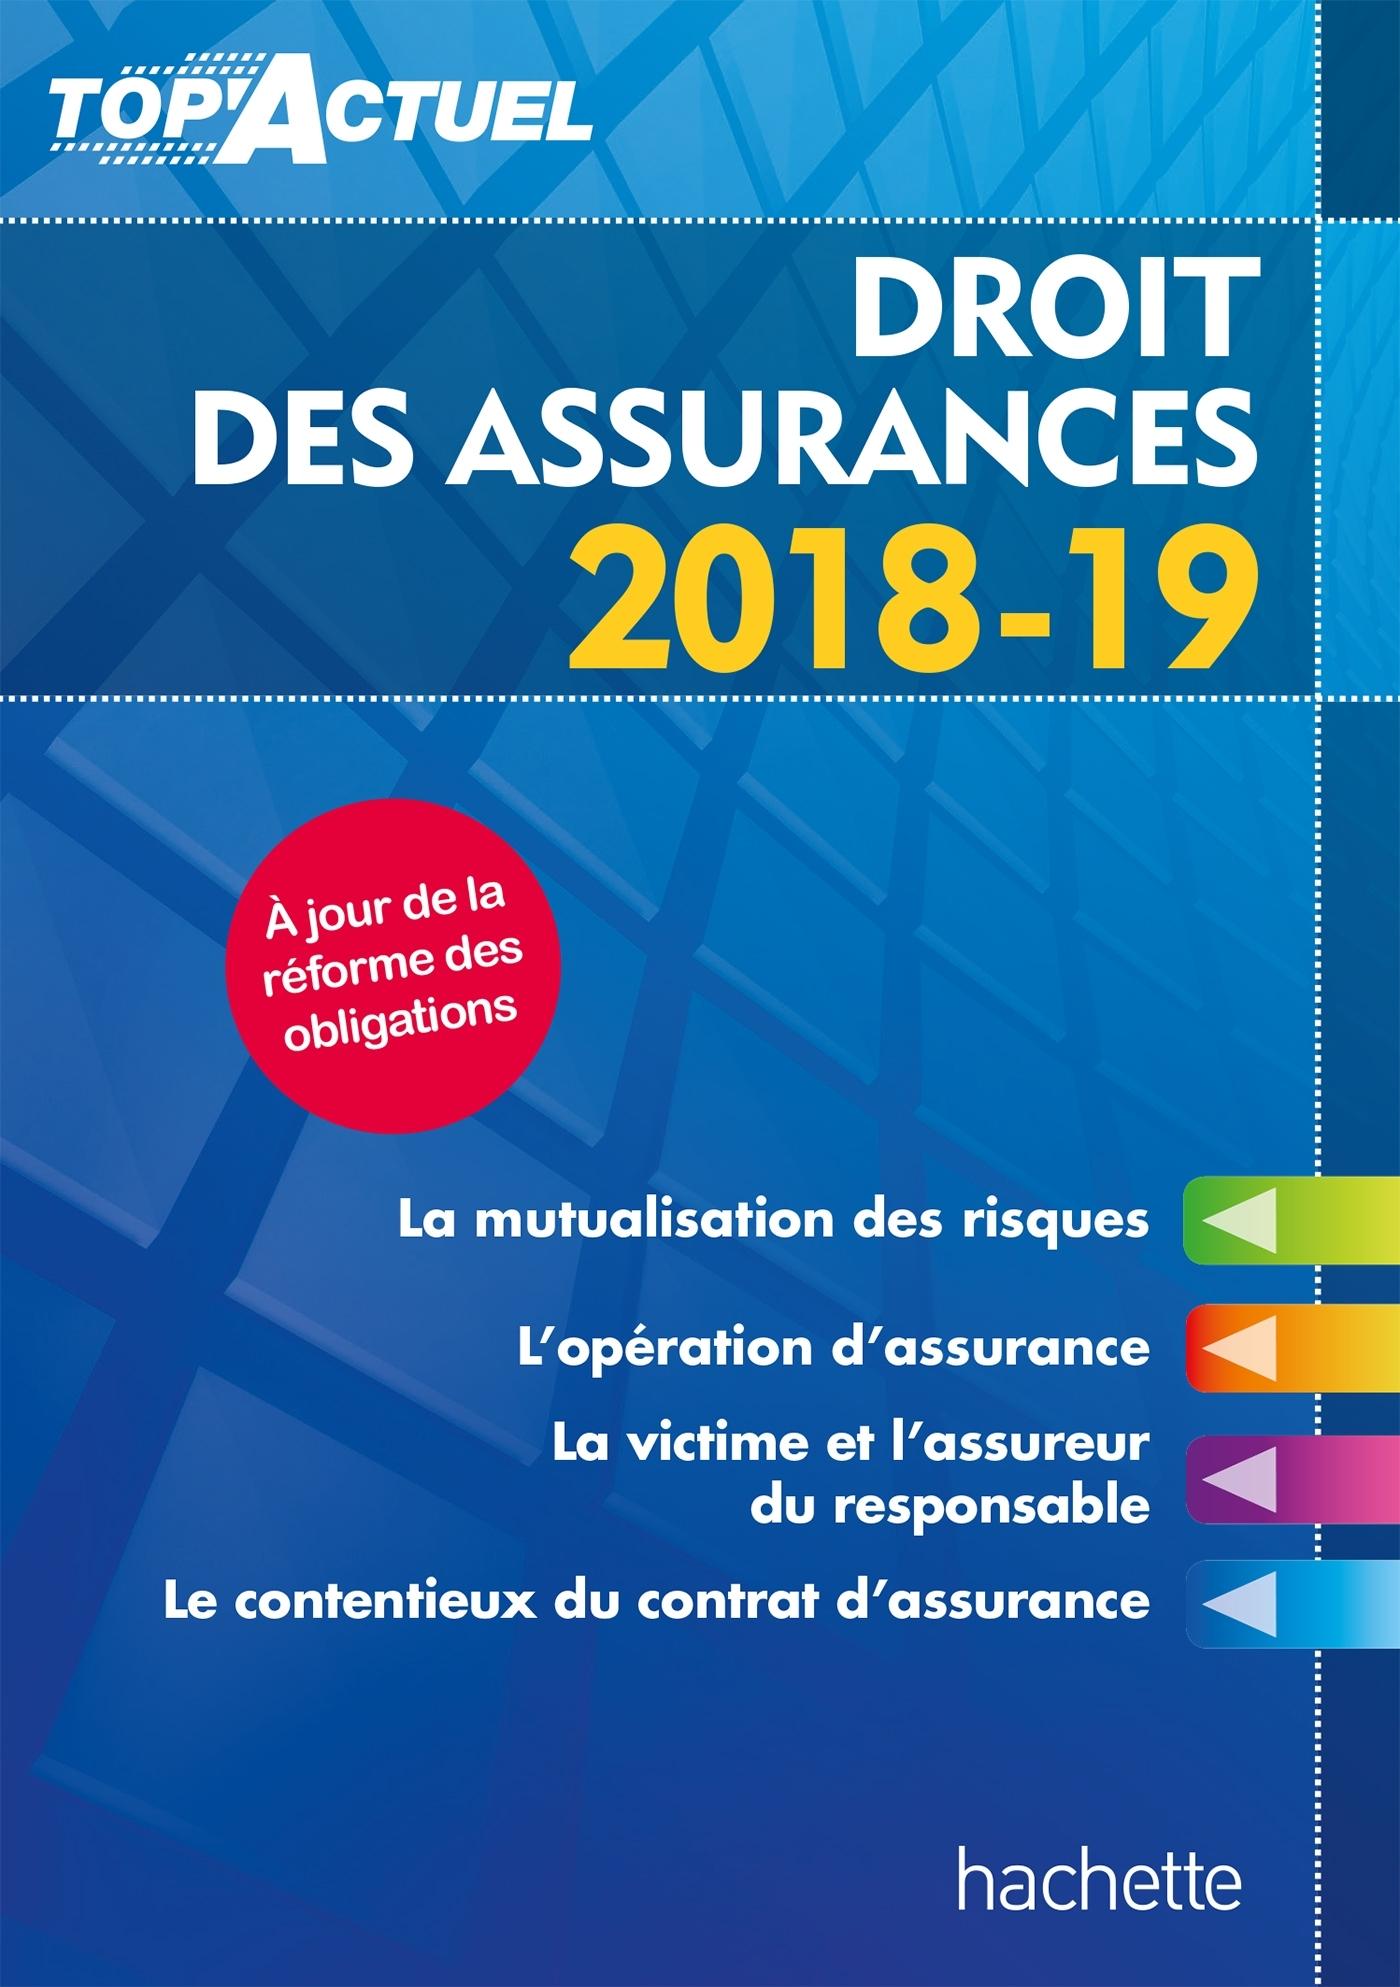 TOP'ACTUEL DROIT DES ASSURANCES 2018-2019